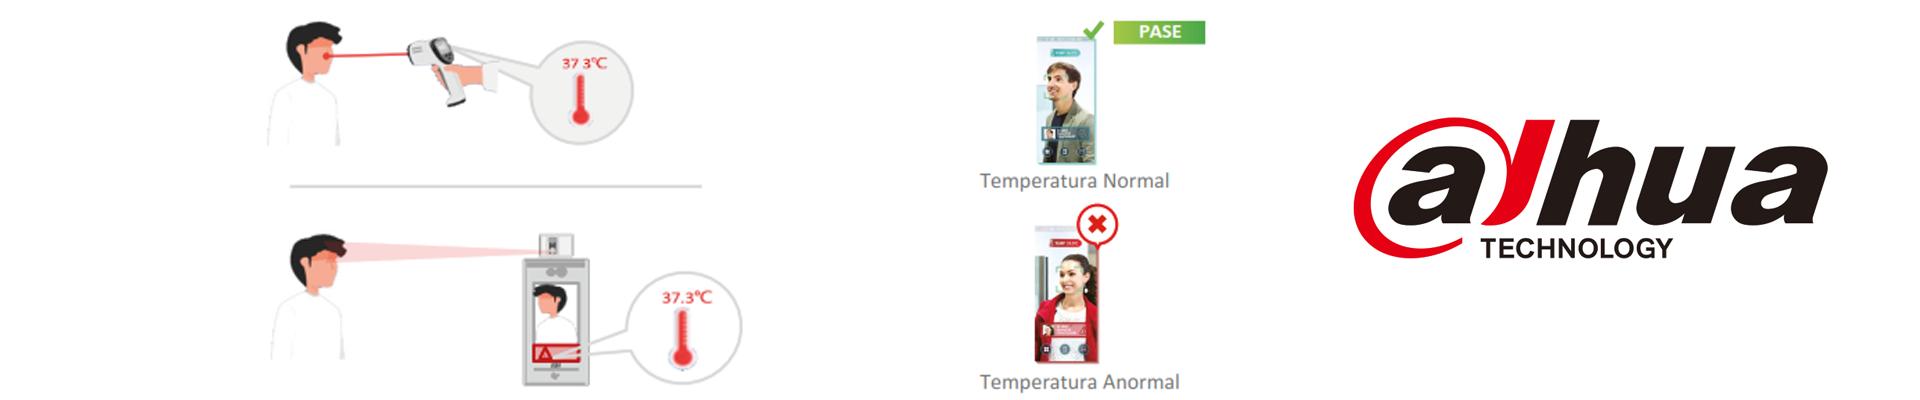 Cuenta con +/-0,5 C° como rango de error en la detección de temperatura, el sensor de temperatura y el algoritmo de compensación realizan este ajuste, asegurándonos de esta manera la certeza y exactitud en la detección de temperaturas anómalas.